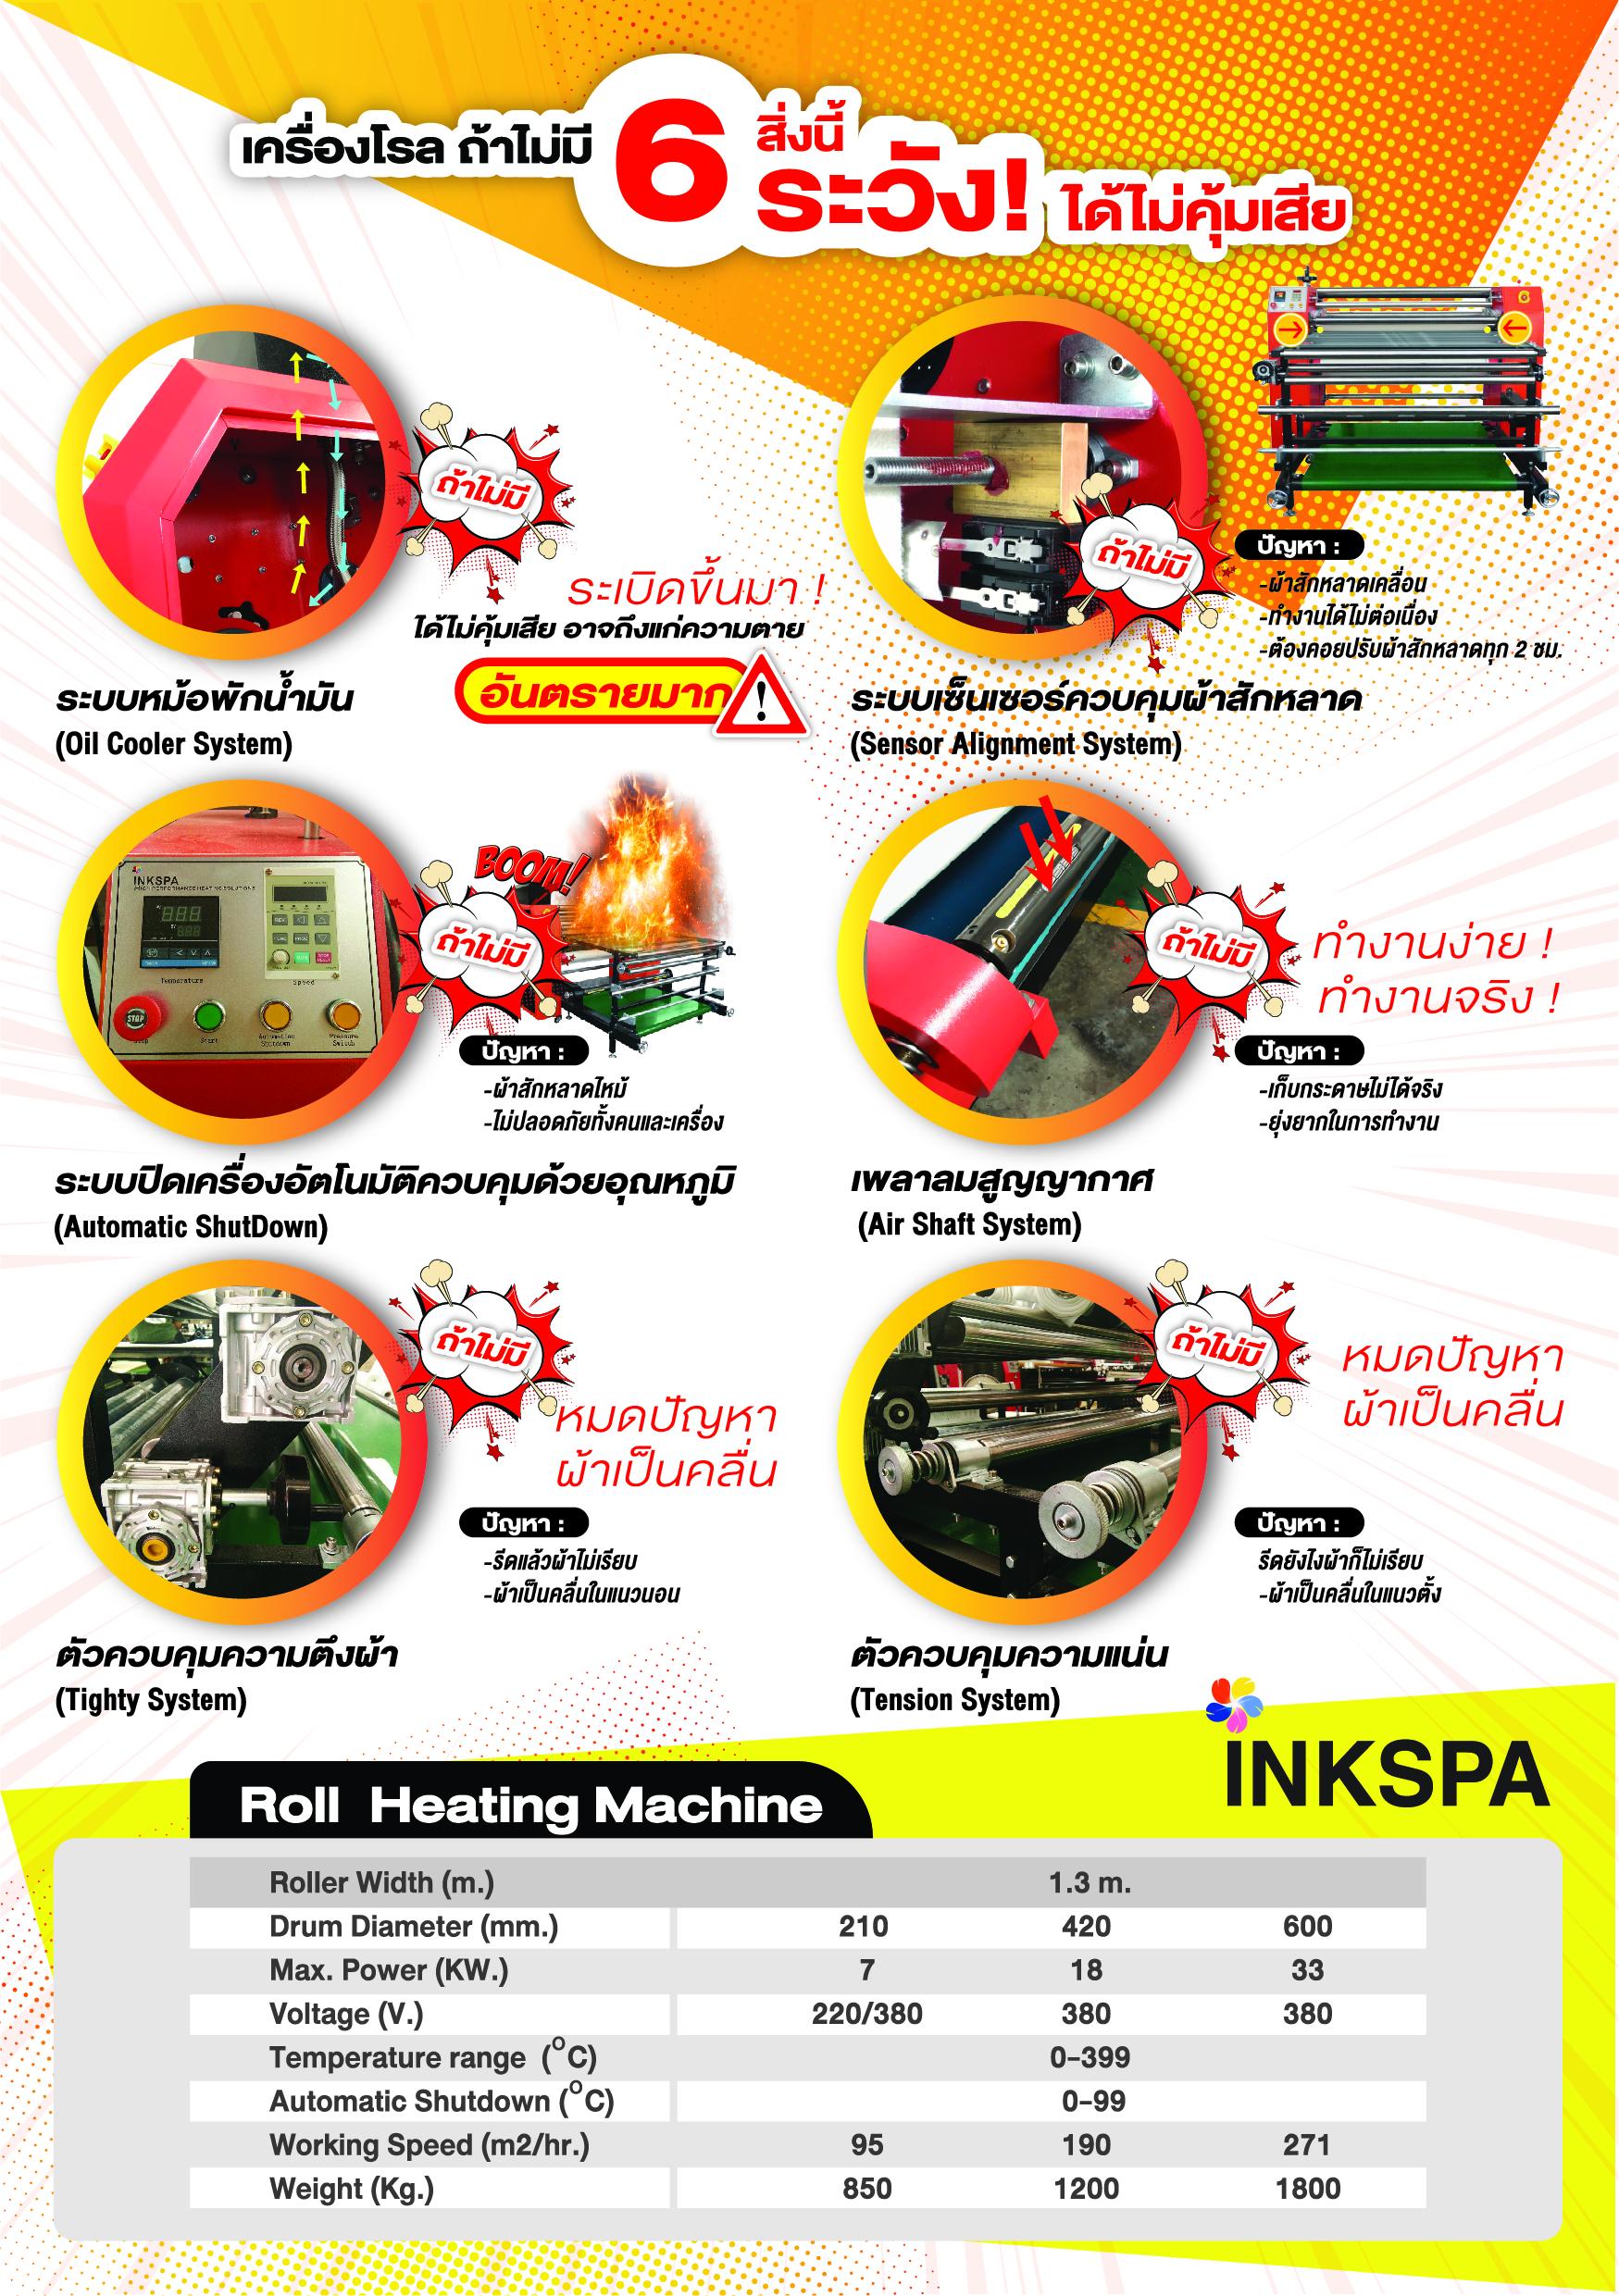 เครื่องรีดโรล,เครื่องรีดร้อนแบบม้วน,เครื่องสกรีน Roll to Roll, เครื่องพิมพ์ผ้าม้วน, เครื่องสกรีนผ้าม้วน, เครื่องสกรีนแบบม้วนต่อเนื่อง, เครื่องรีดสกรีนแบบม้วนโรล, เครื่องสกรีนเสื้อกีฬา, heat transfer roll to roll, Roll Heat Transfer, เครื่องสกรีนทรานเฟอร์, เครื่องทรานเฟอร์, เครื่องรีดทรานเฟอร์, เครื่องรีดร้อน, เครื่อง heat transfer, เครื่องสกรีนขนาดอุตสาหกรรม, เครื่องรีด INKSPA, เครื่องฮีตทรานเฟอร์, เครื่องพิมพ์เสื้อ